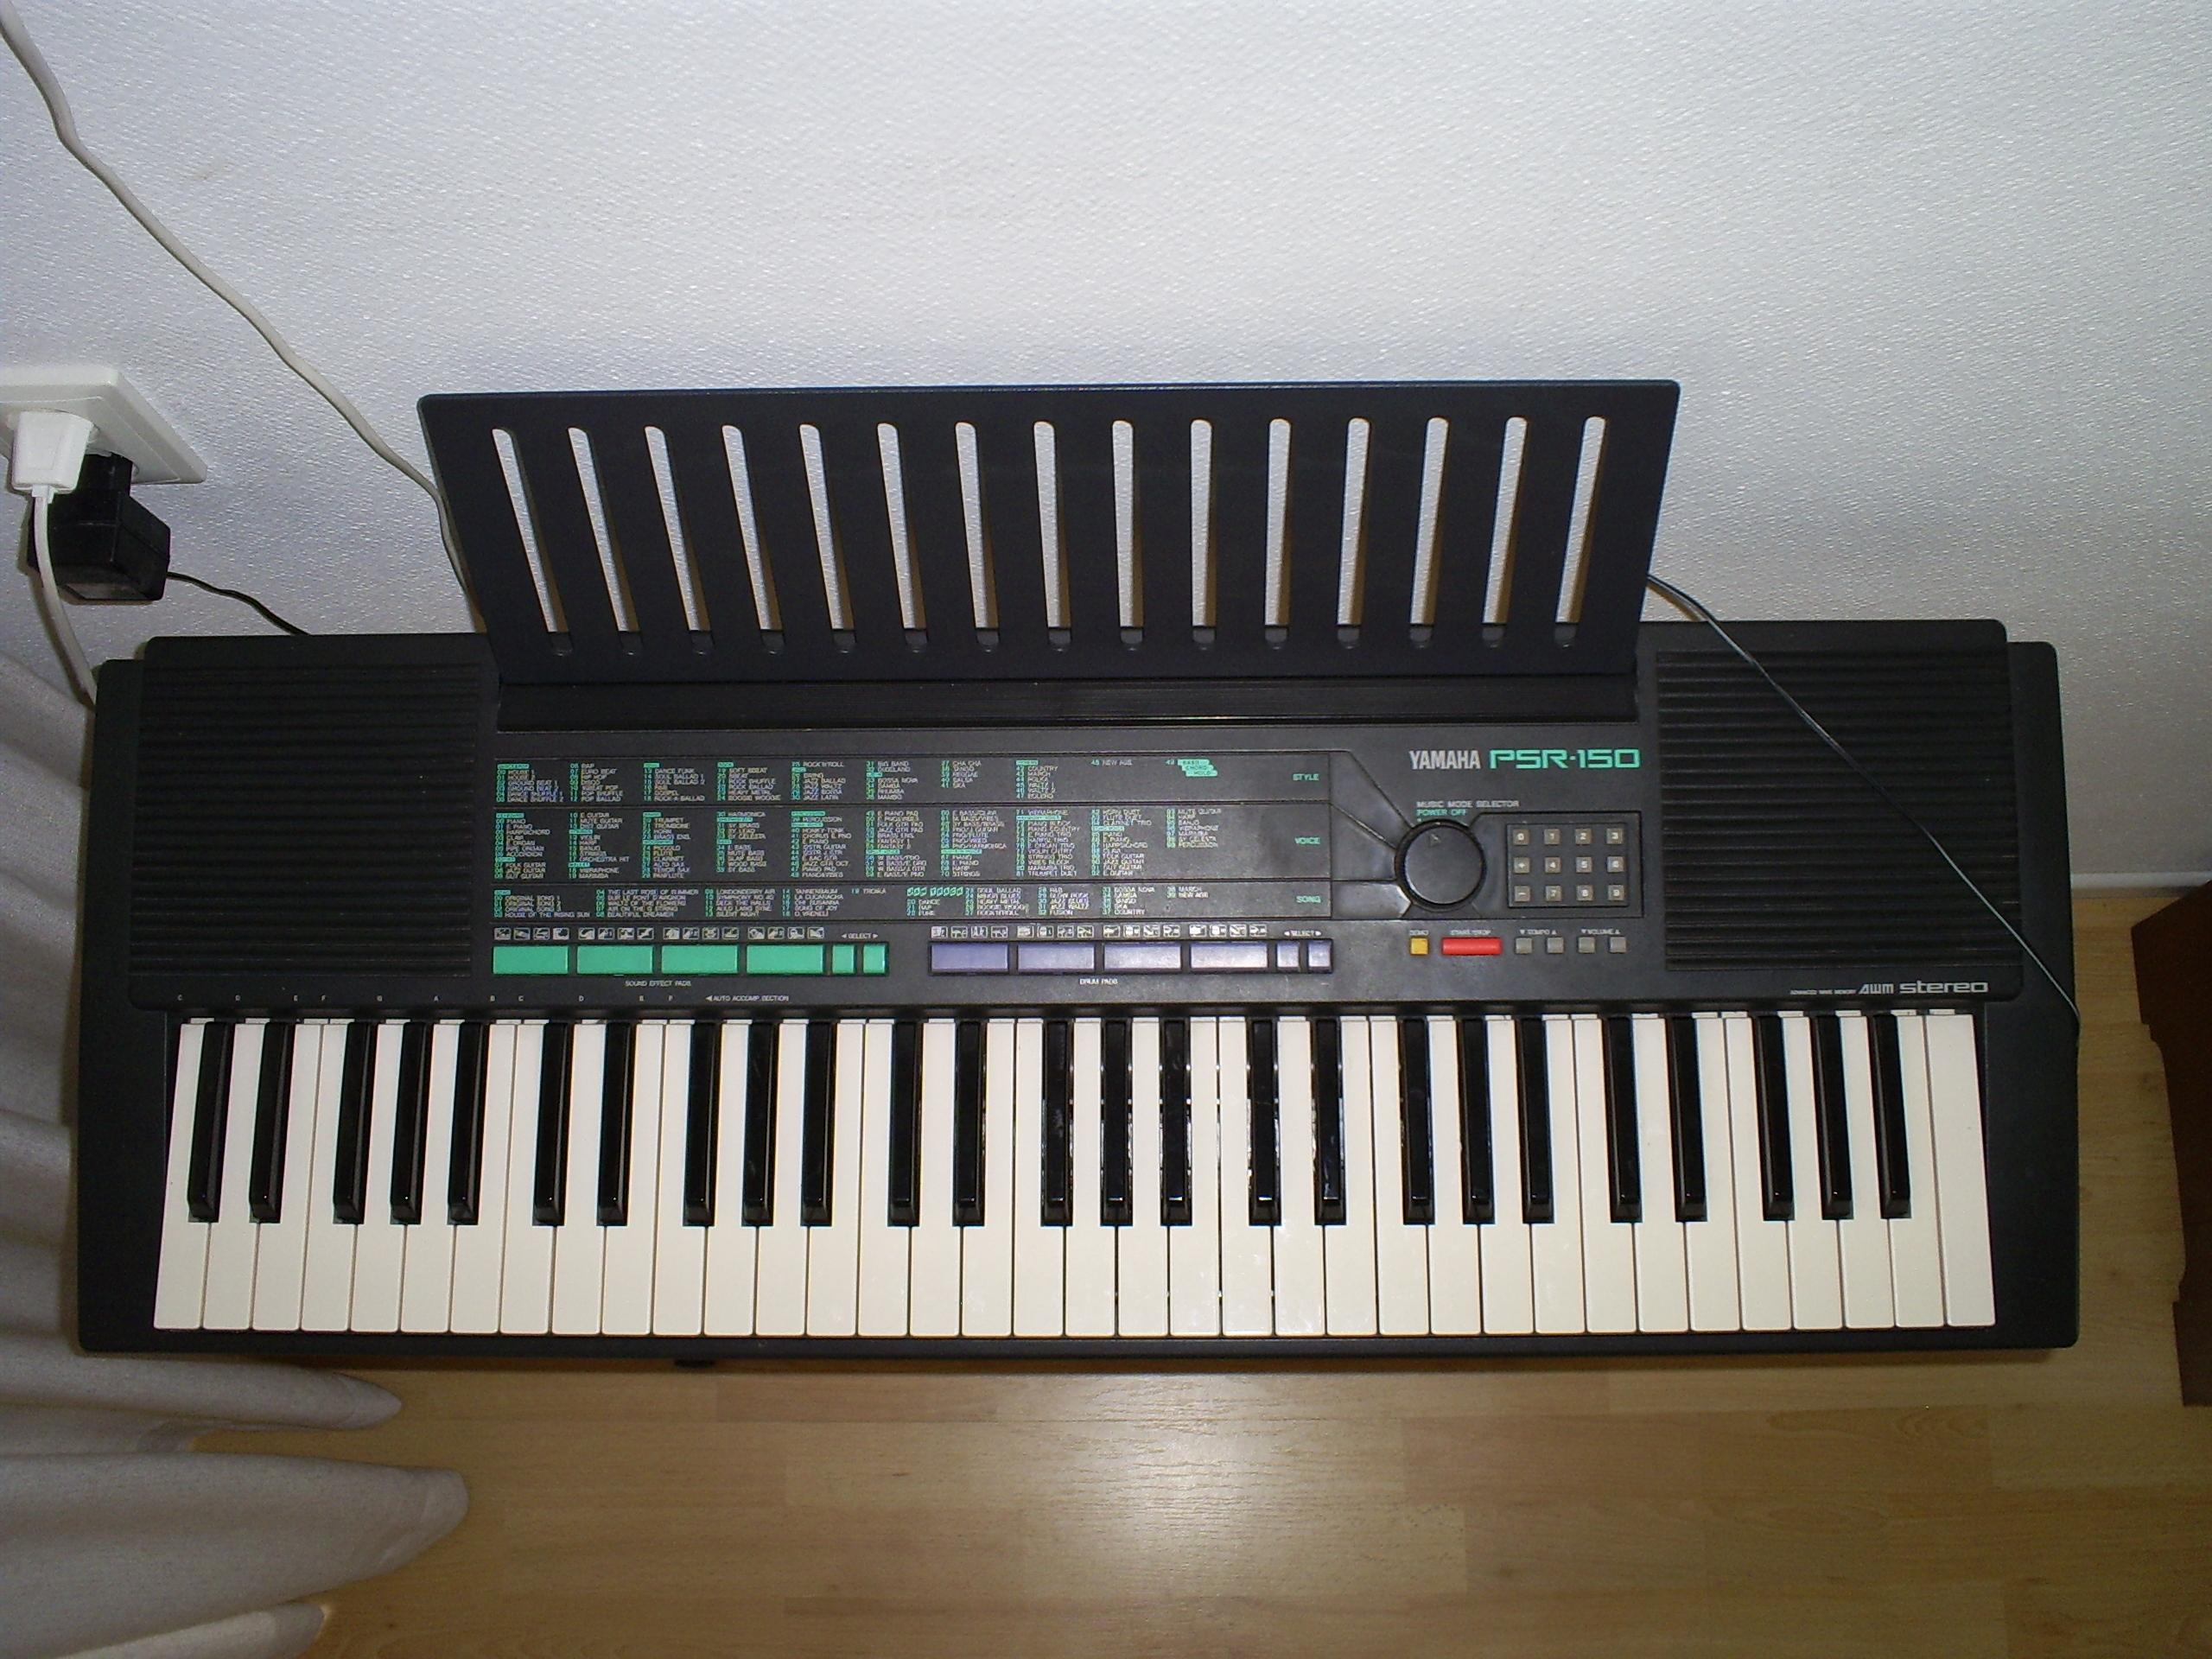 Yamaha As External